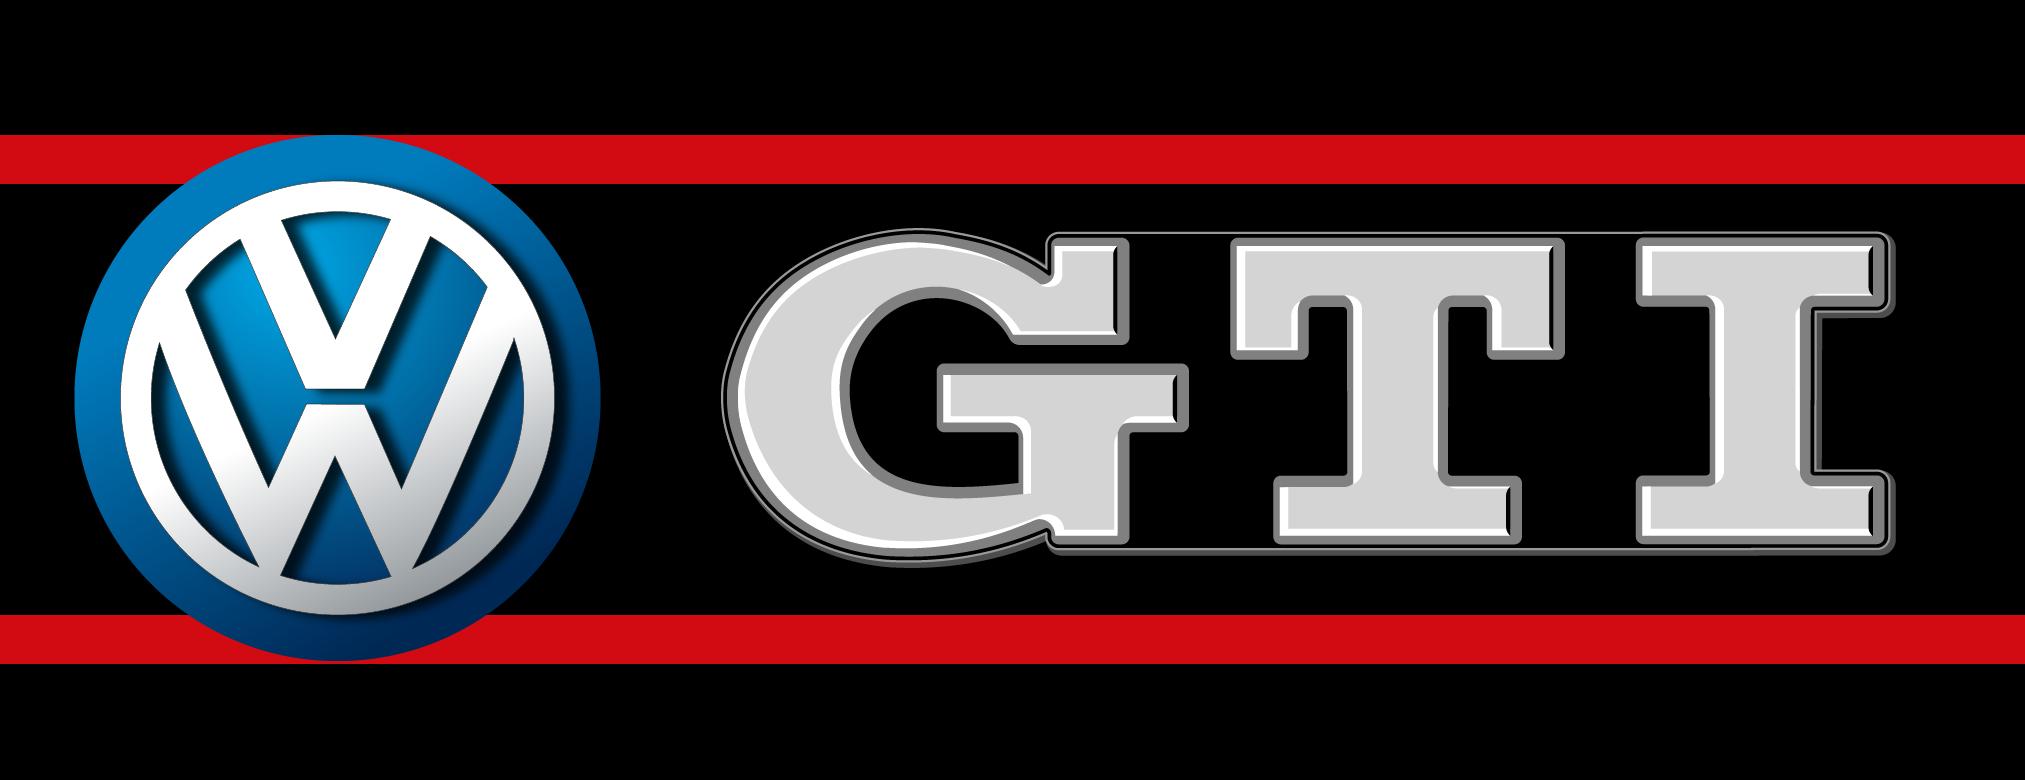 Страницы истории Volkswagen Golf Gti родоначальник класса